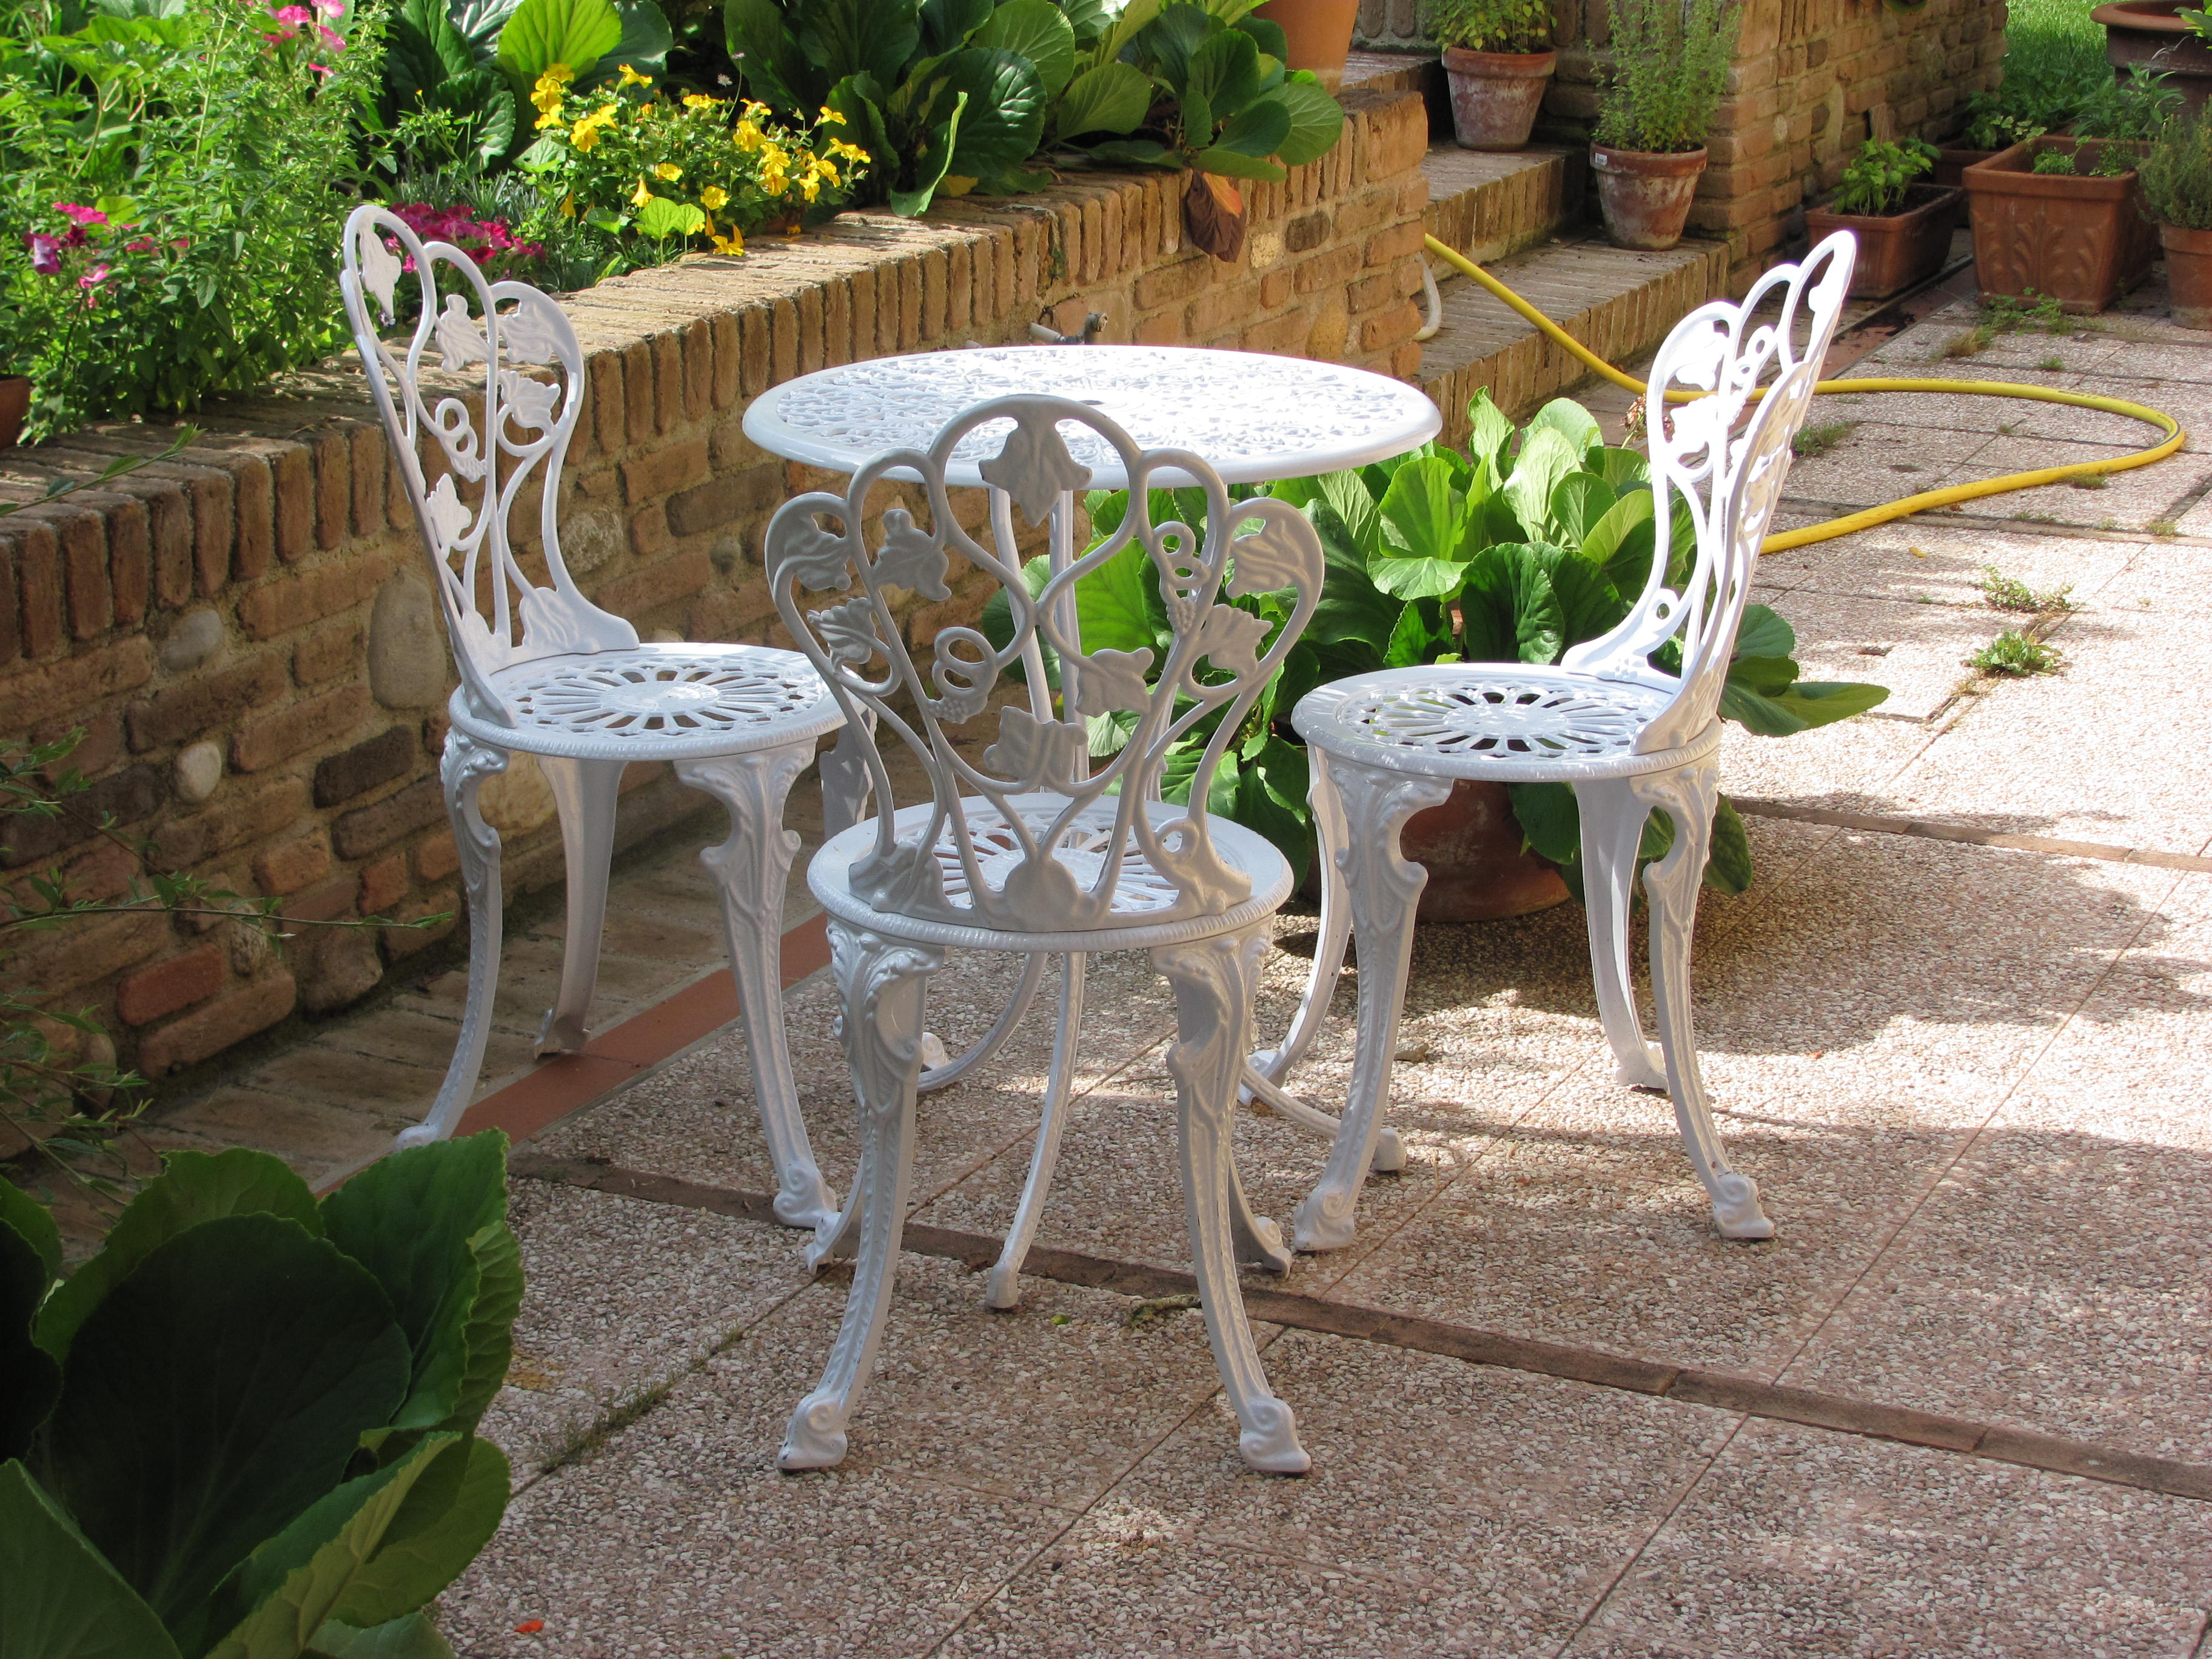 Prezzi Tavoli Da Giardino In Ferro.Sedie In Ferro Battuto Da Giardino Guida All Acquisto